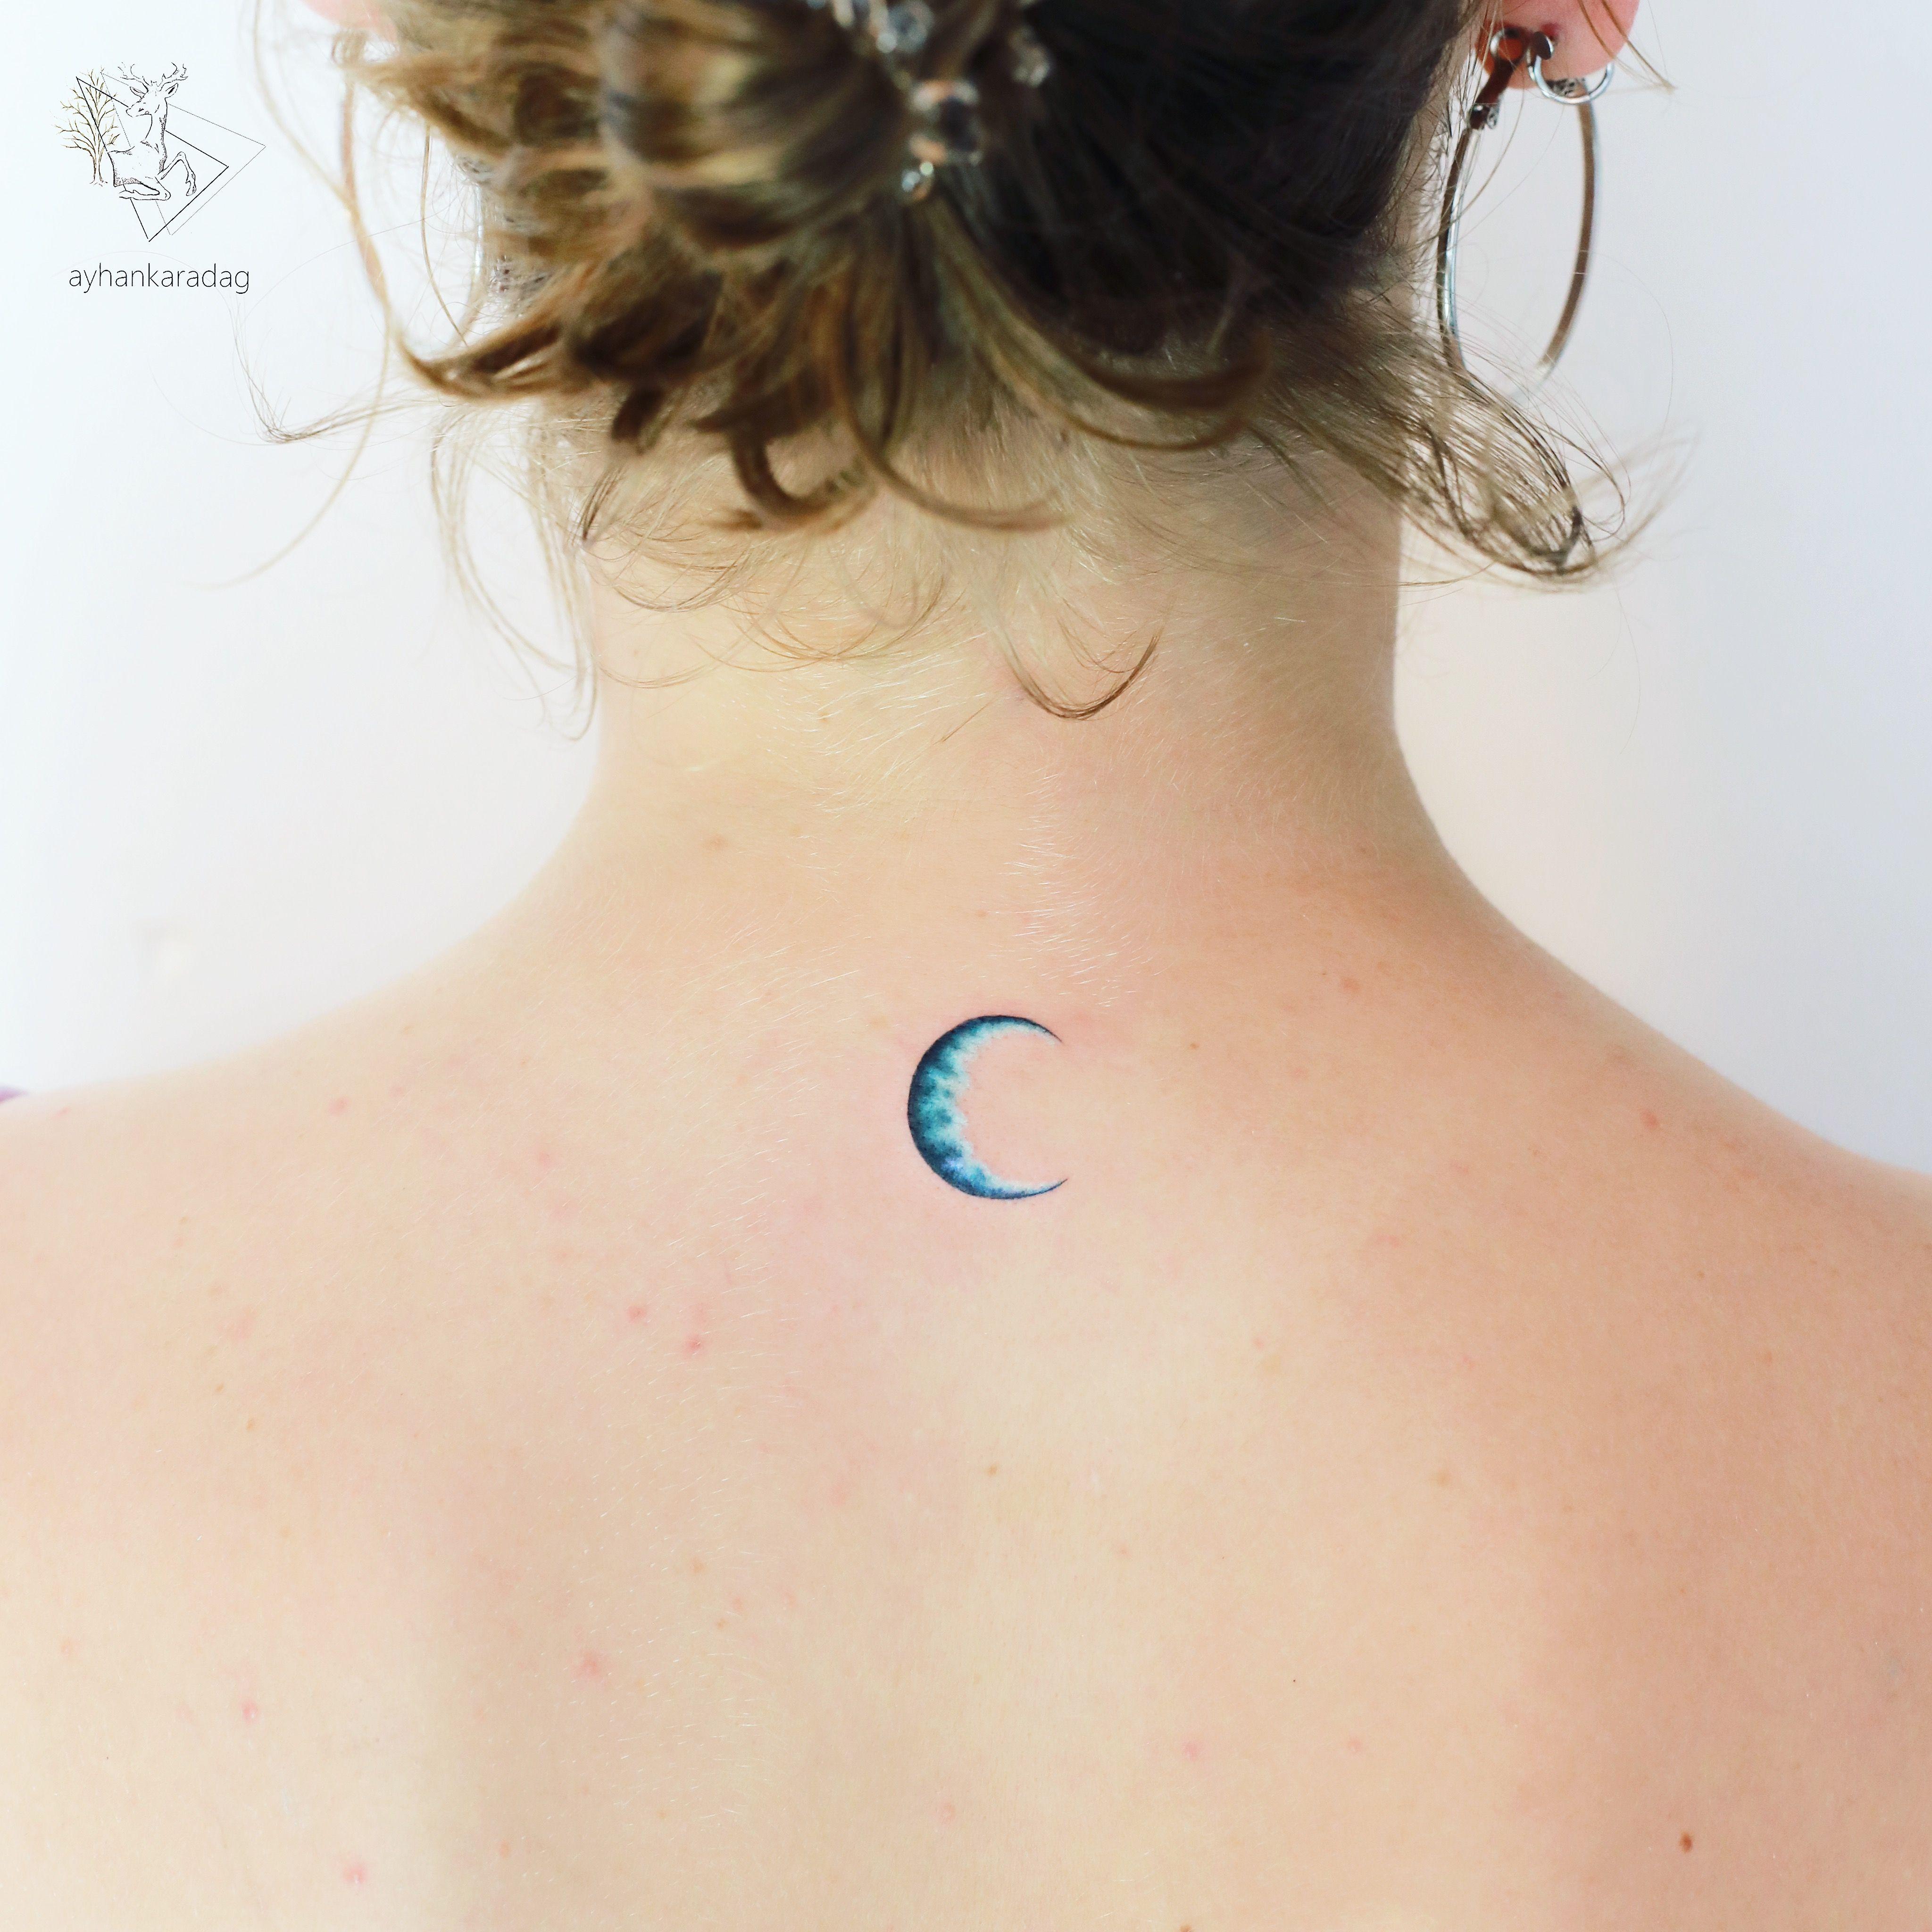 Pin by Lyssa Estrada on Tatts | Minimal tattoo design. Moon tattoo. Blue moon tattoo